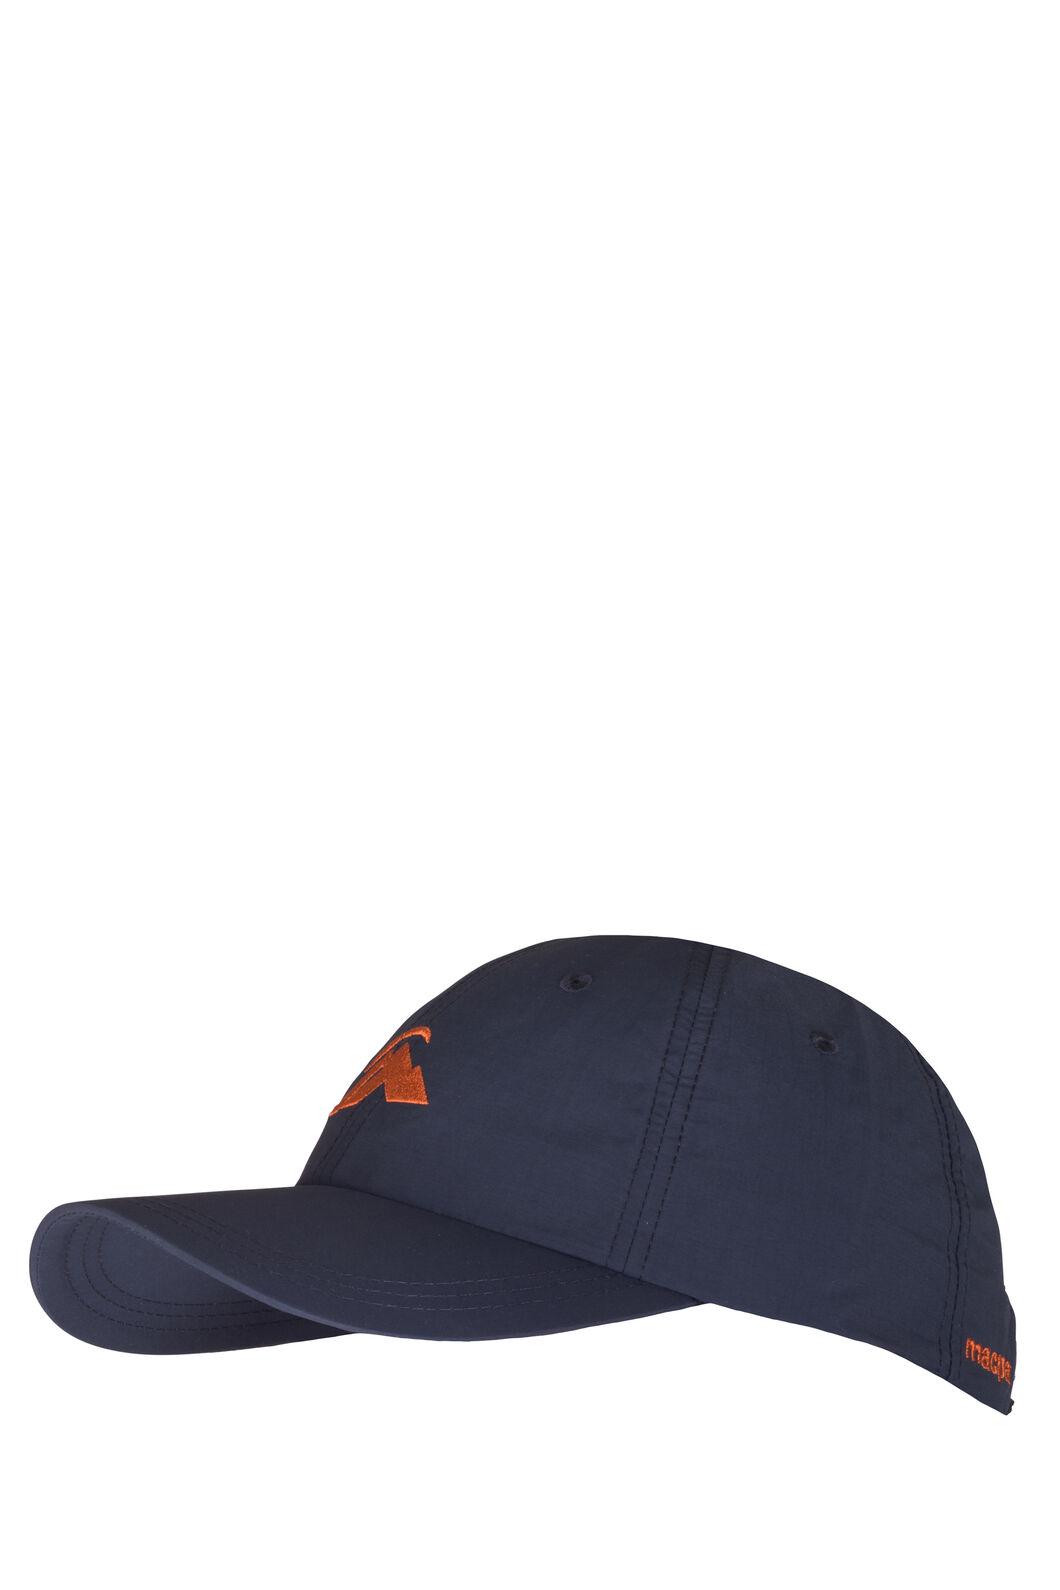 Macpac Mini Hiker Cap, Orange/Navy, hi-res